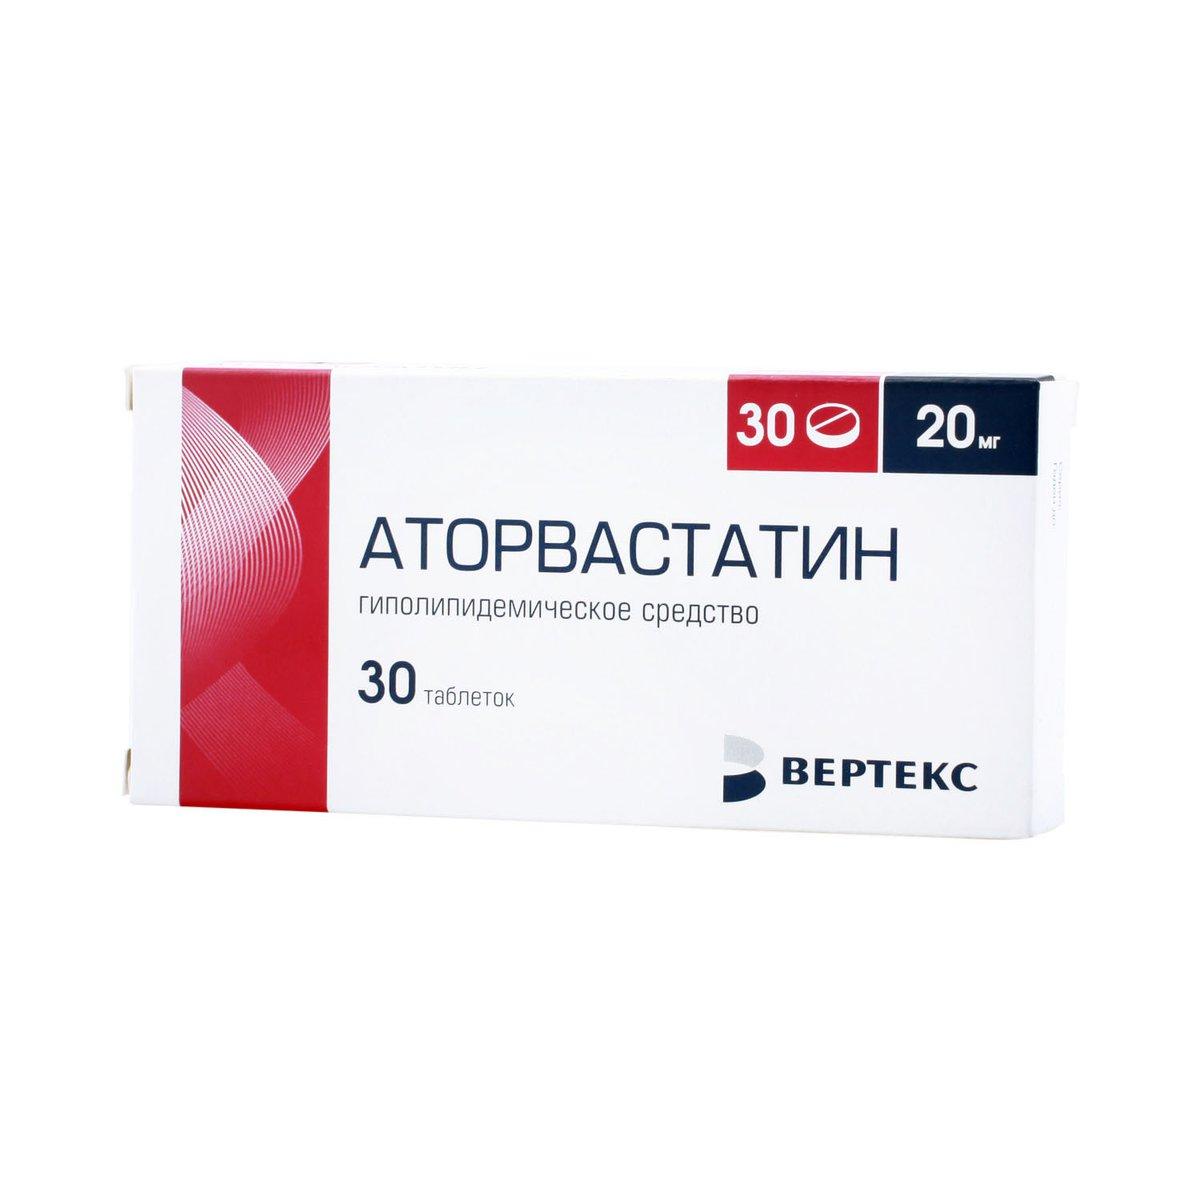 аторвастатин для похудения цена